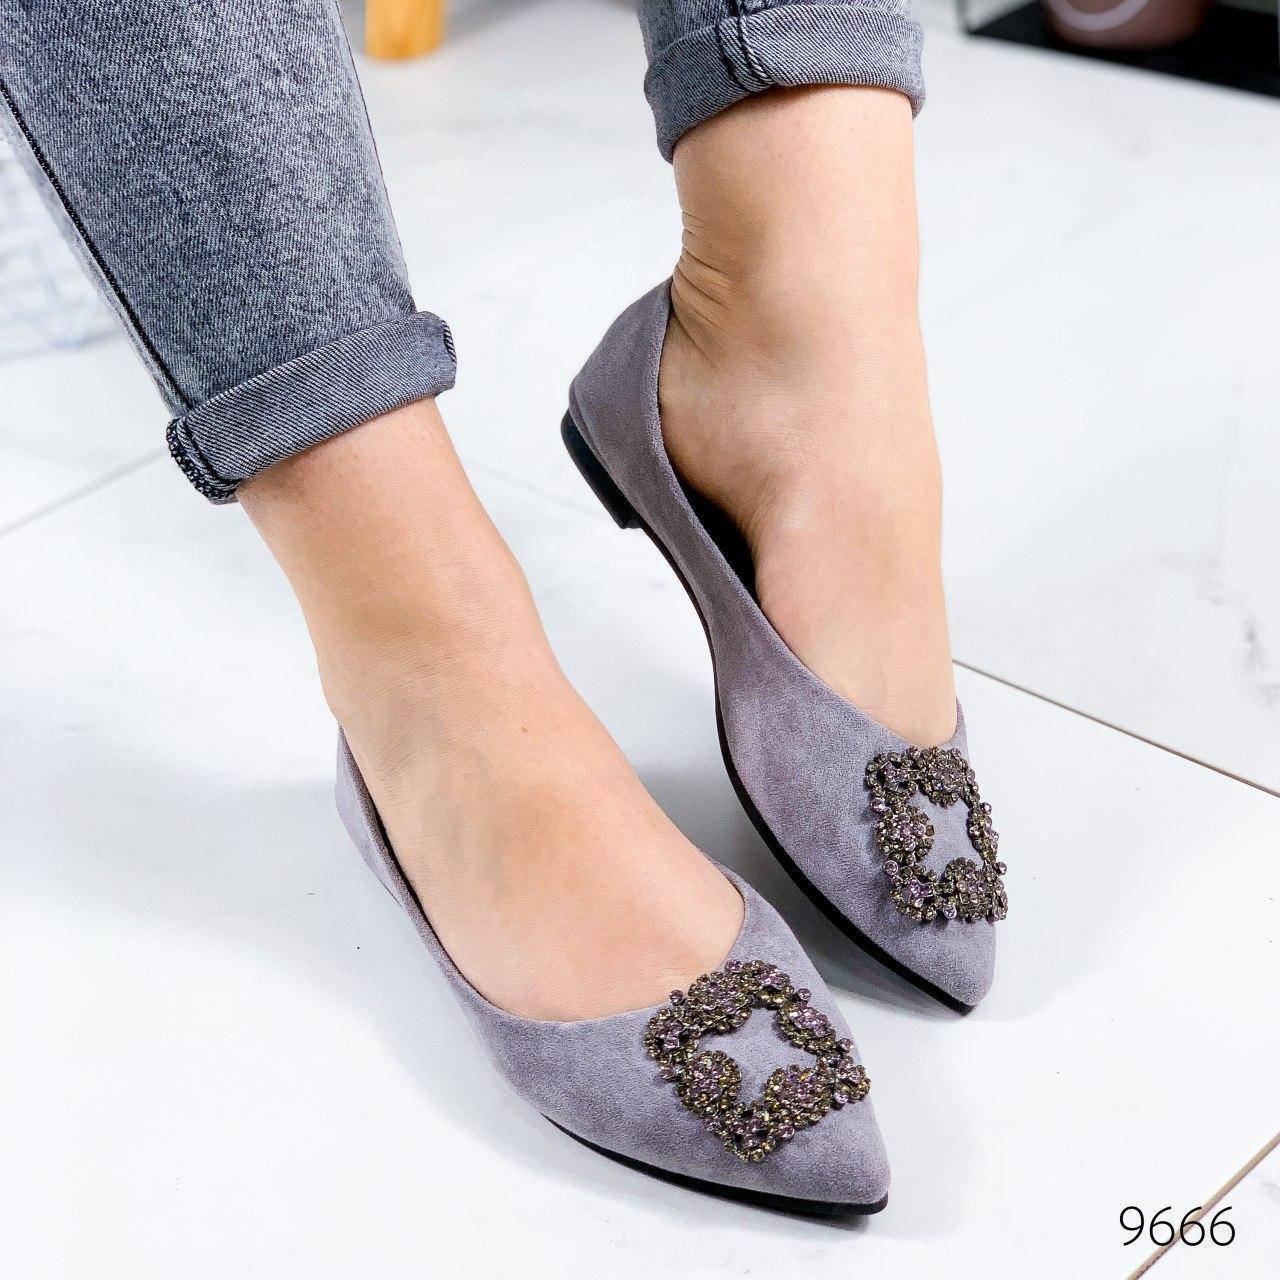 Балетки женские на плоской подошве, серого цвета из эко замши острый носок. Балетки жіночі. еспадрільі жіночі